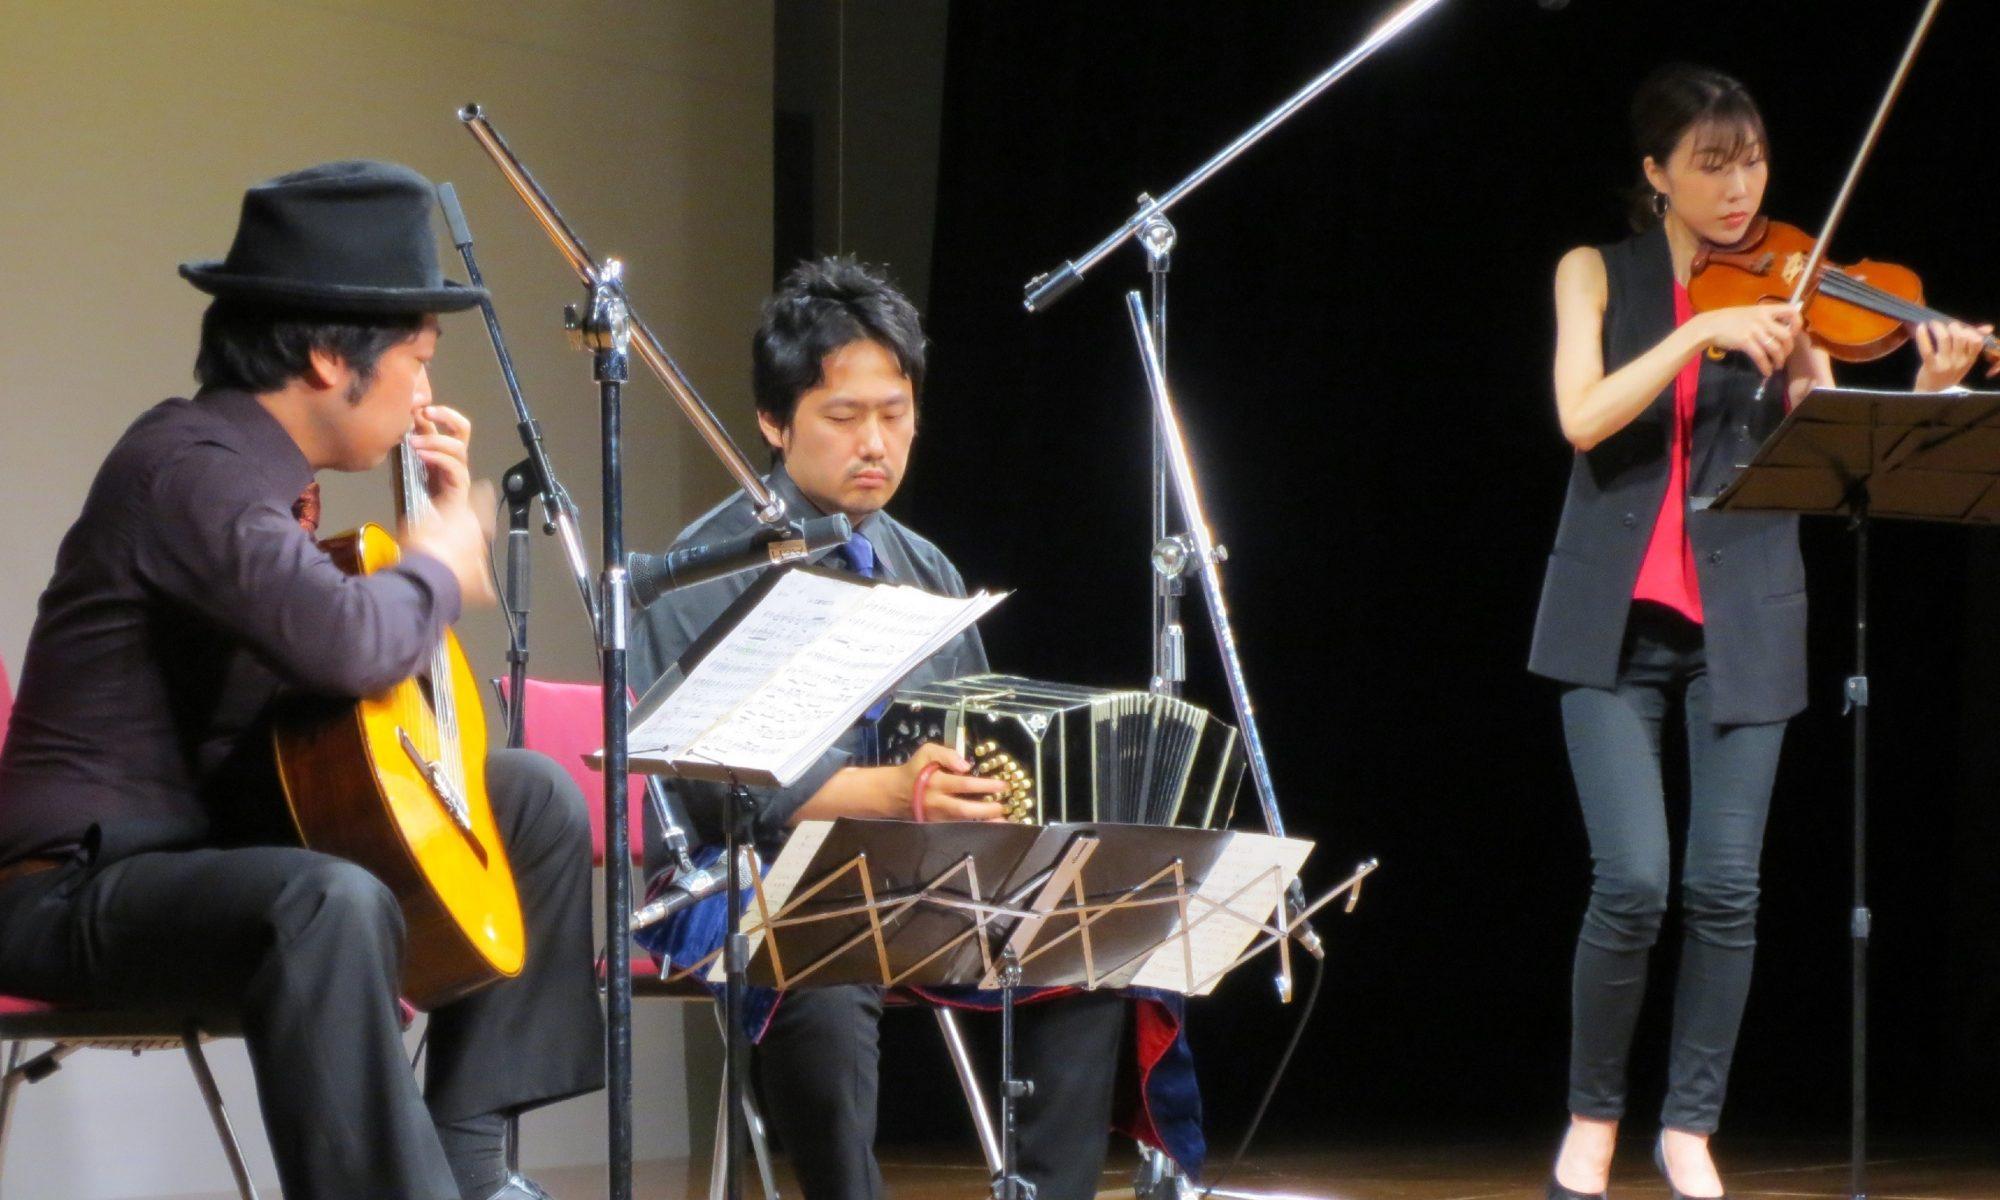 バンドネオン星野俊路 ギター米阪隆広 バイオリン松本尚子